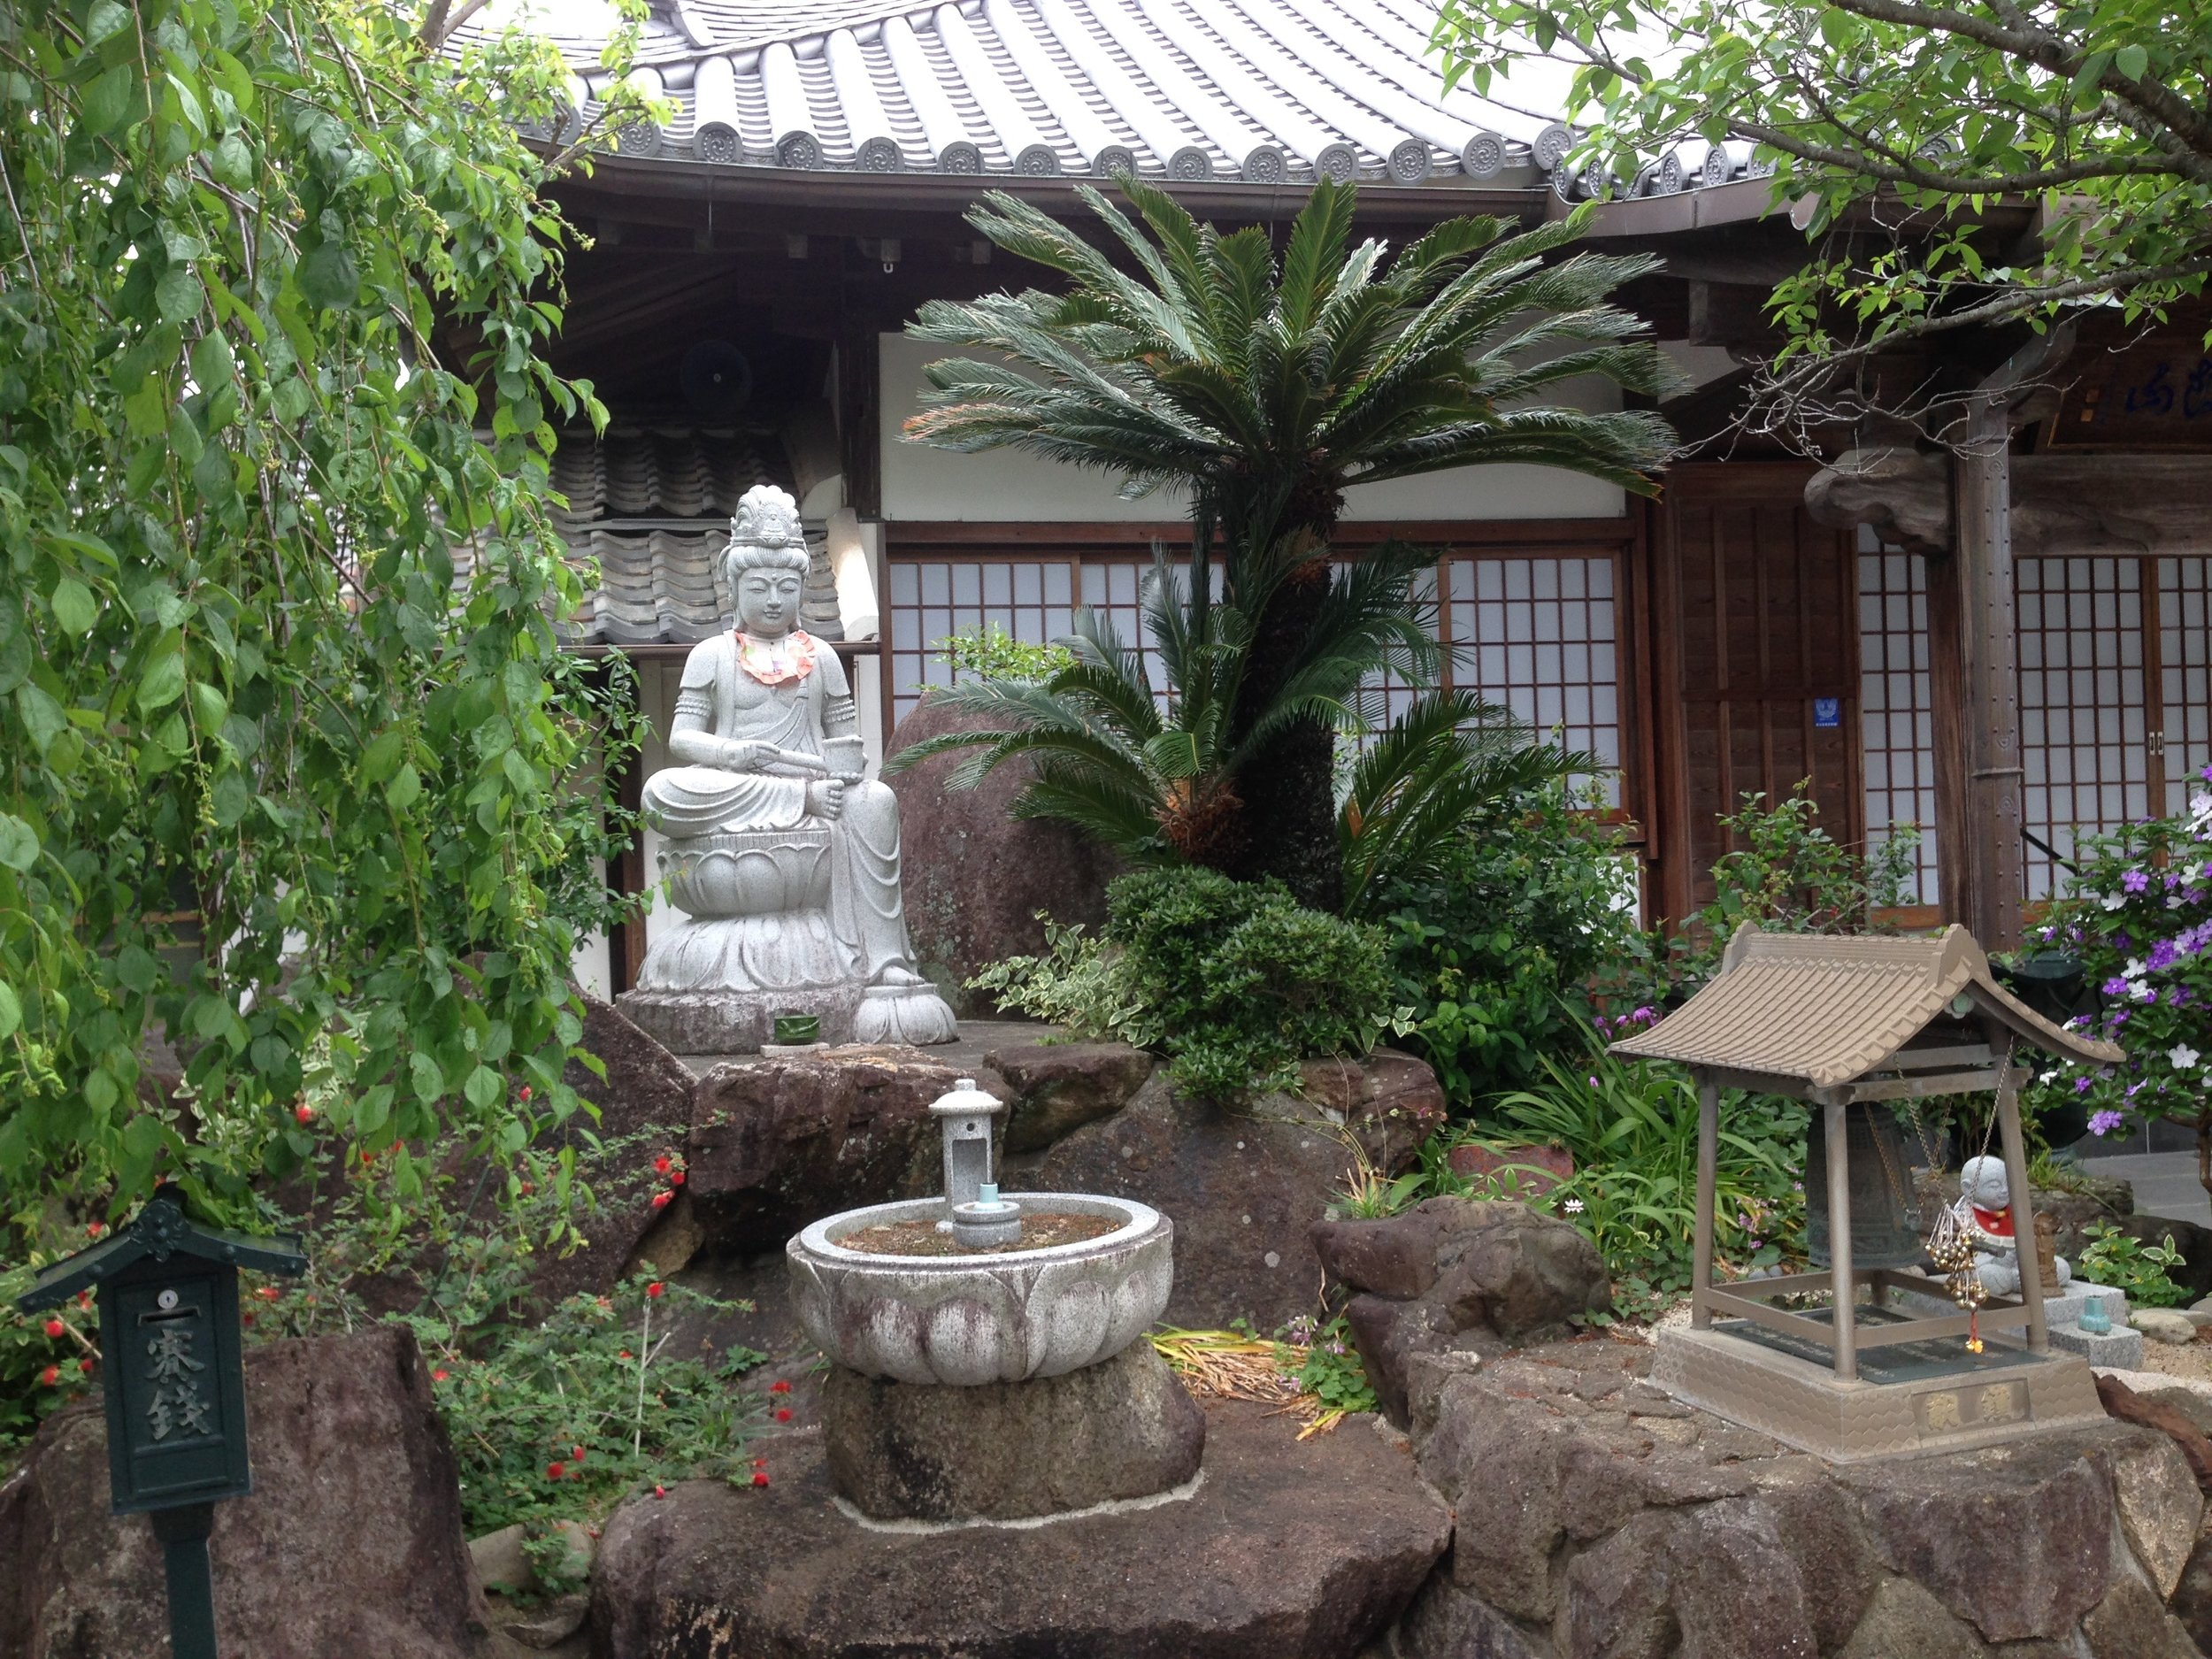 Local sights at Kii Tanabe